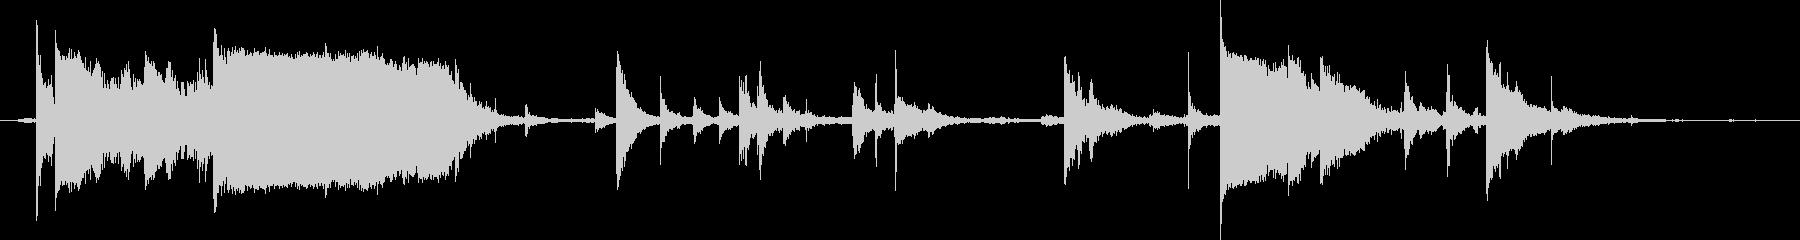 鎖・チェーンの効果音 03の未再生の波形